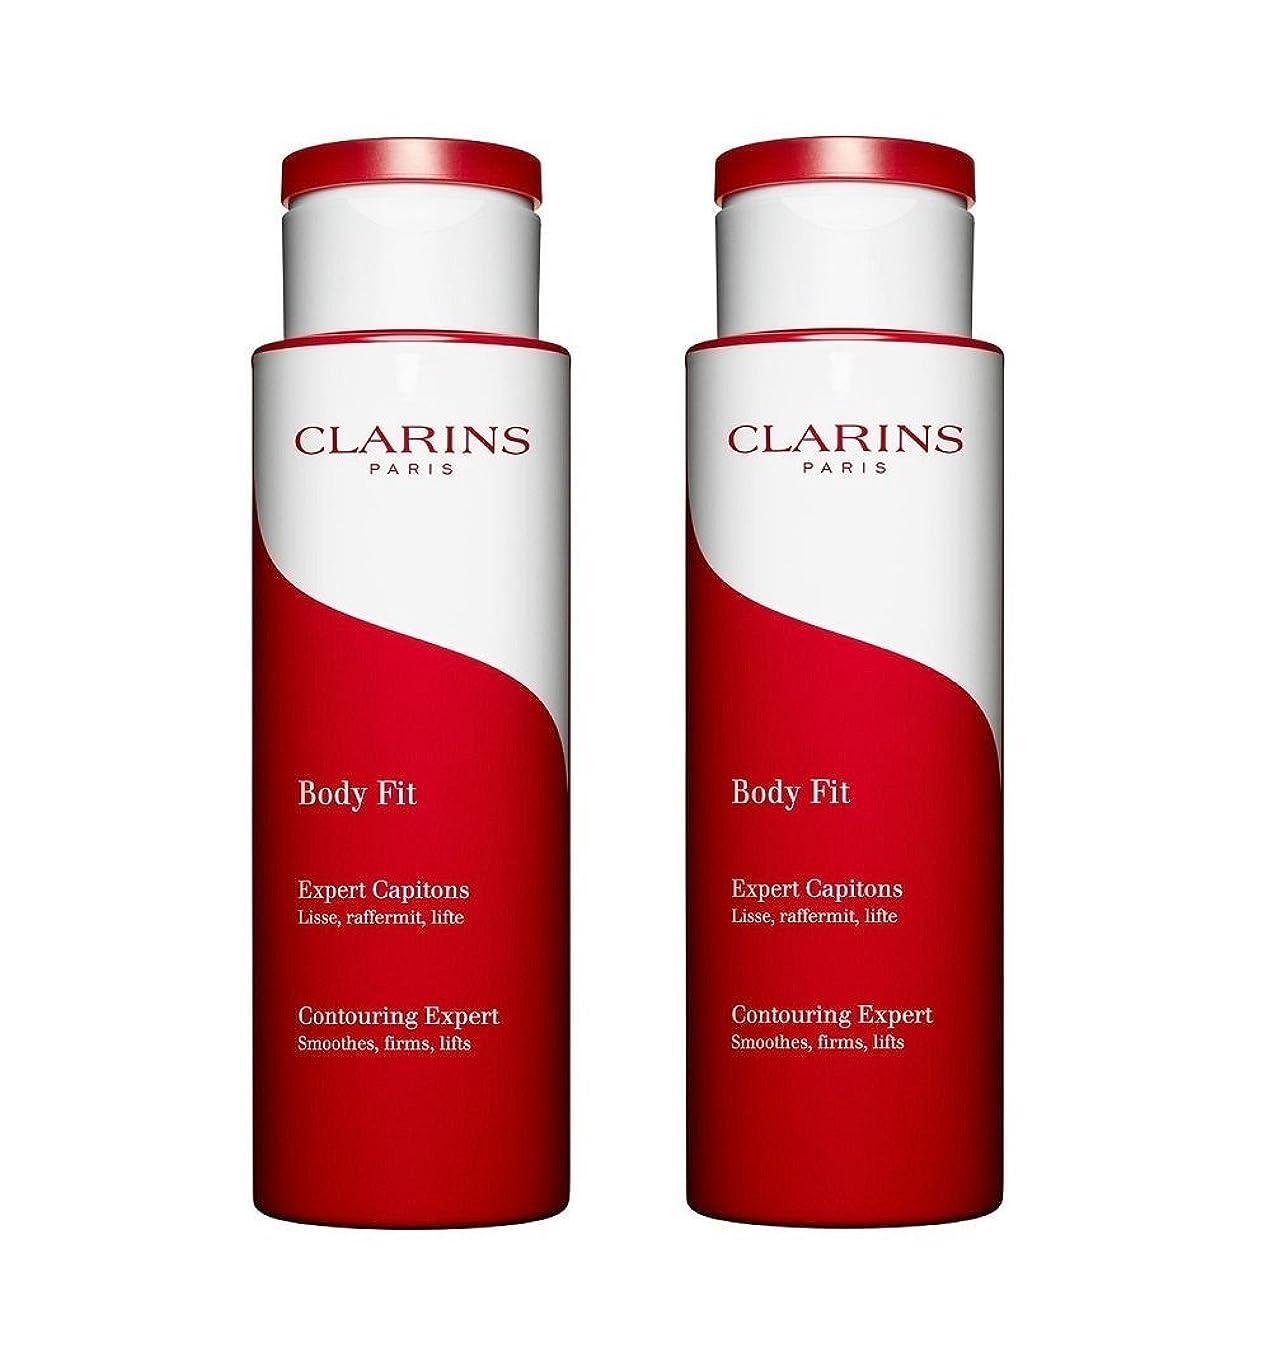 消費必要性適用済みクラランス CLARINS ボディ フィット 200mL 【2本セット】 [並行輸入品]